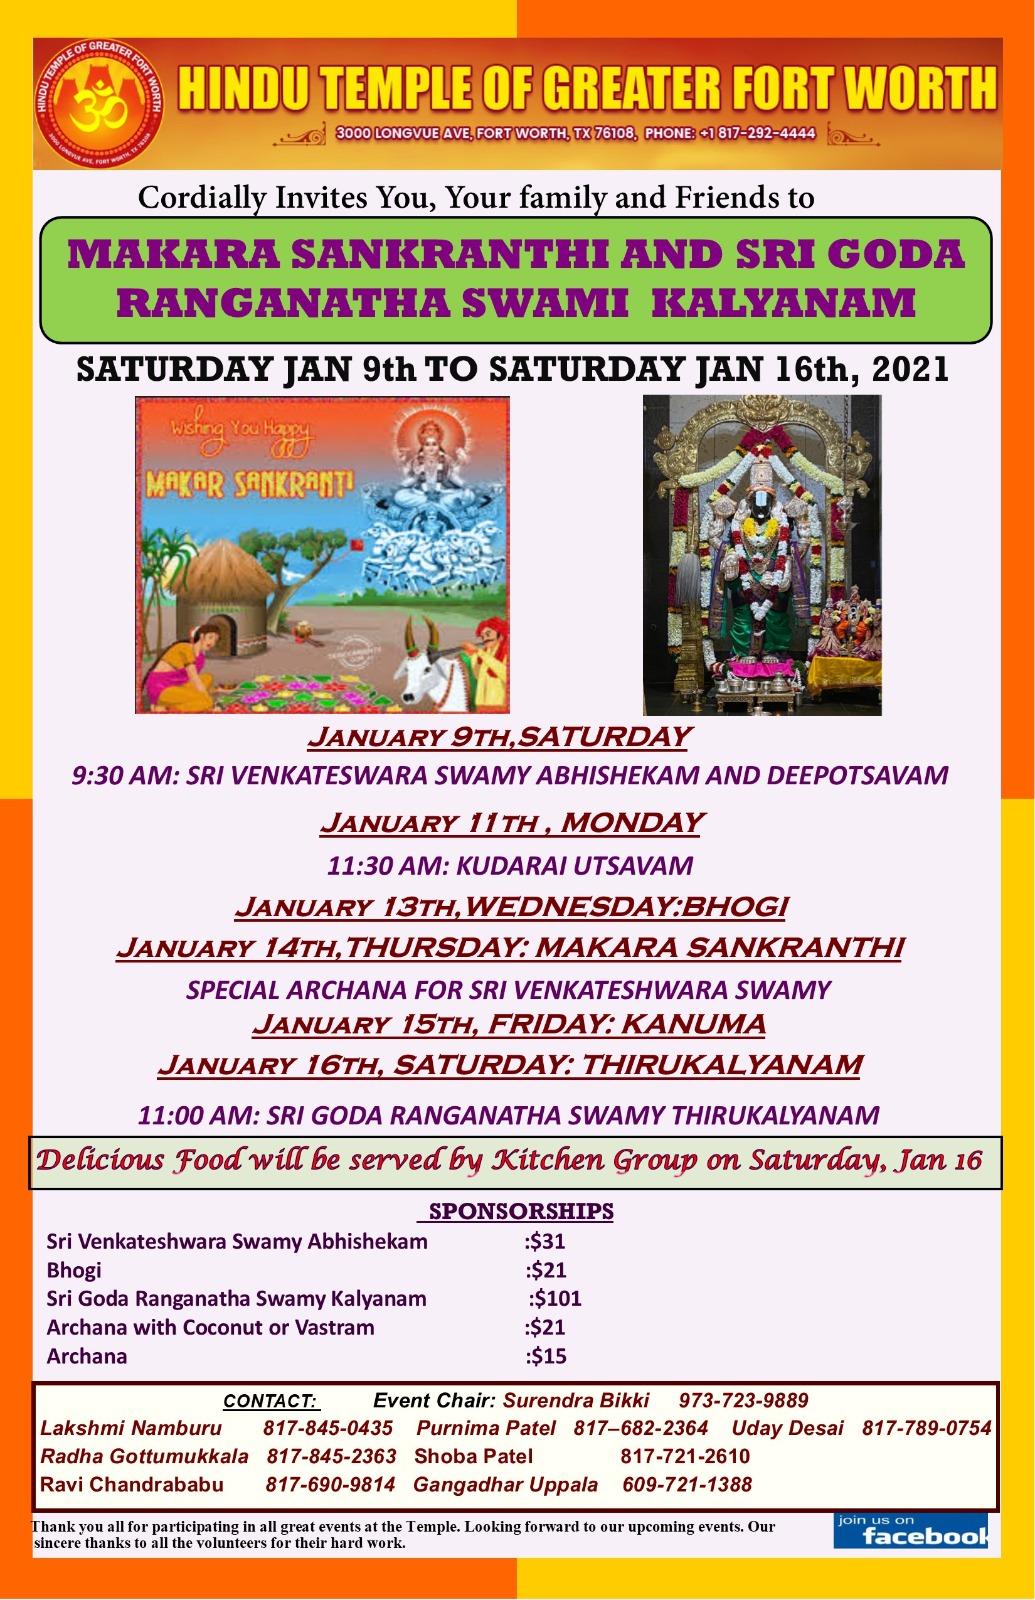 Makara Sankranthi & Sri Goda Ranganatha Swami Kalyanam